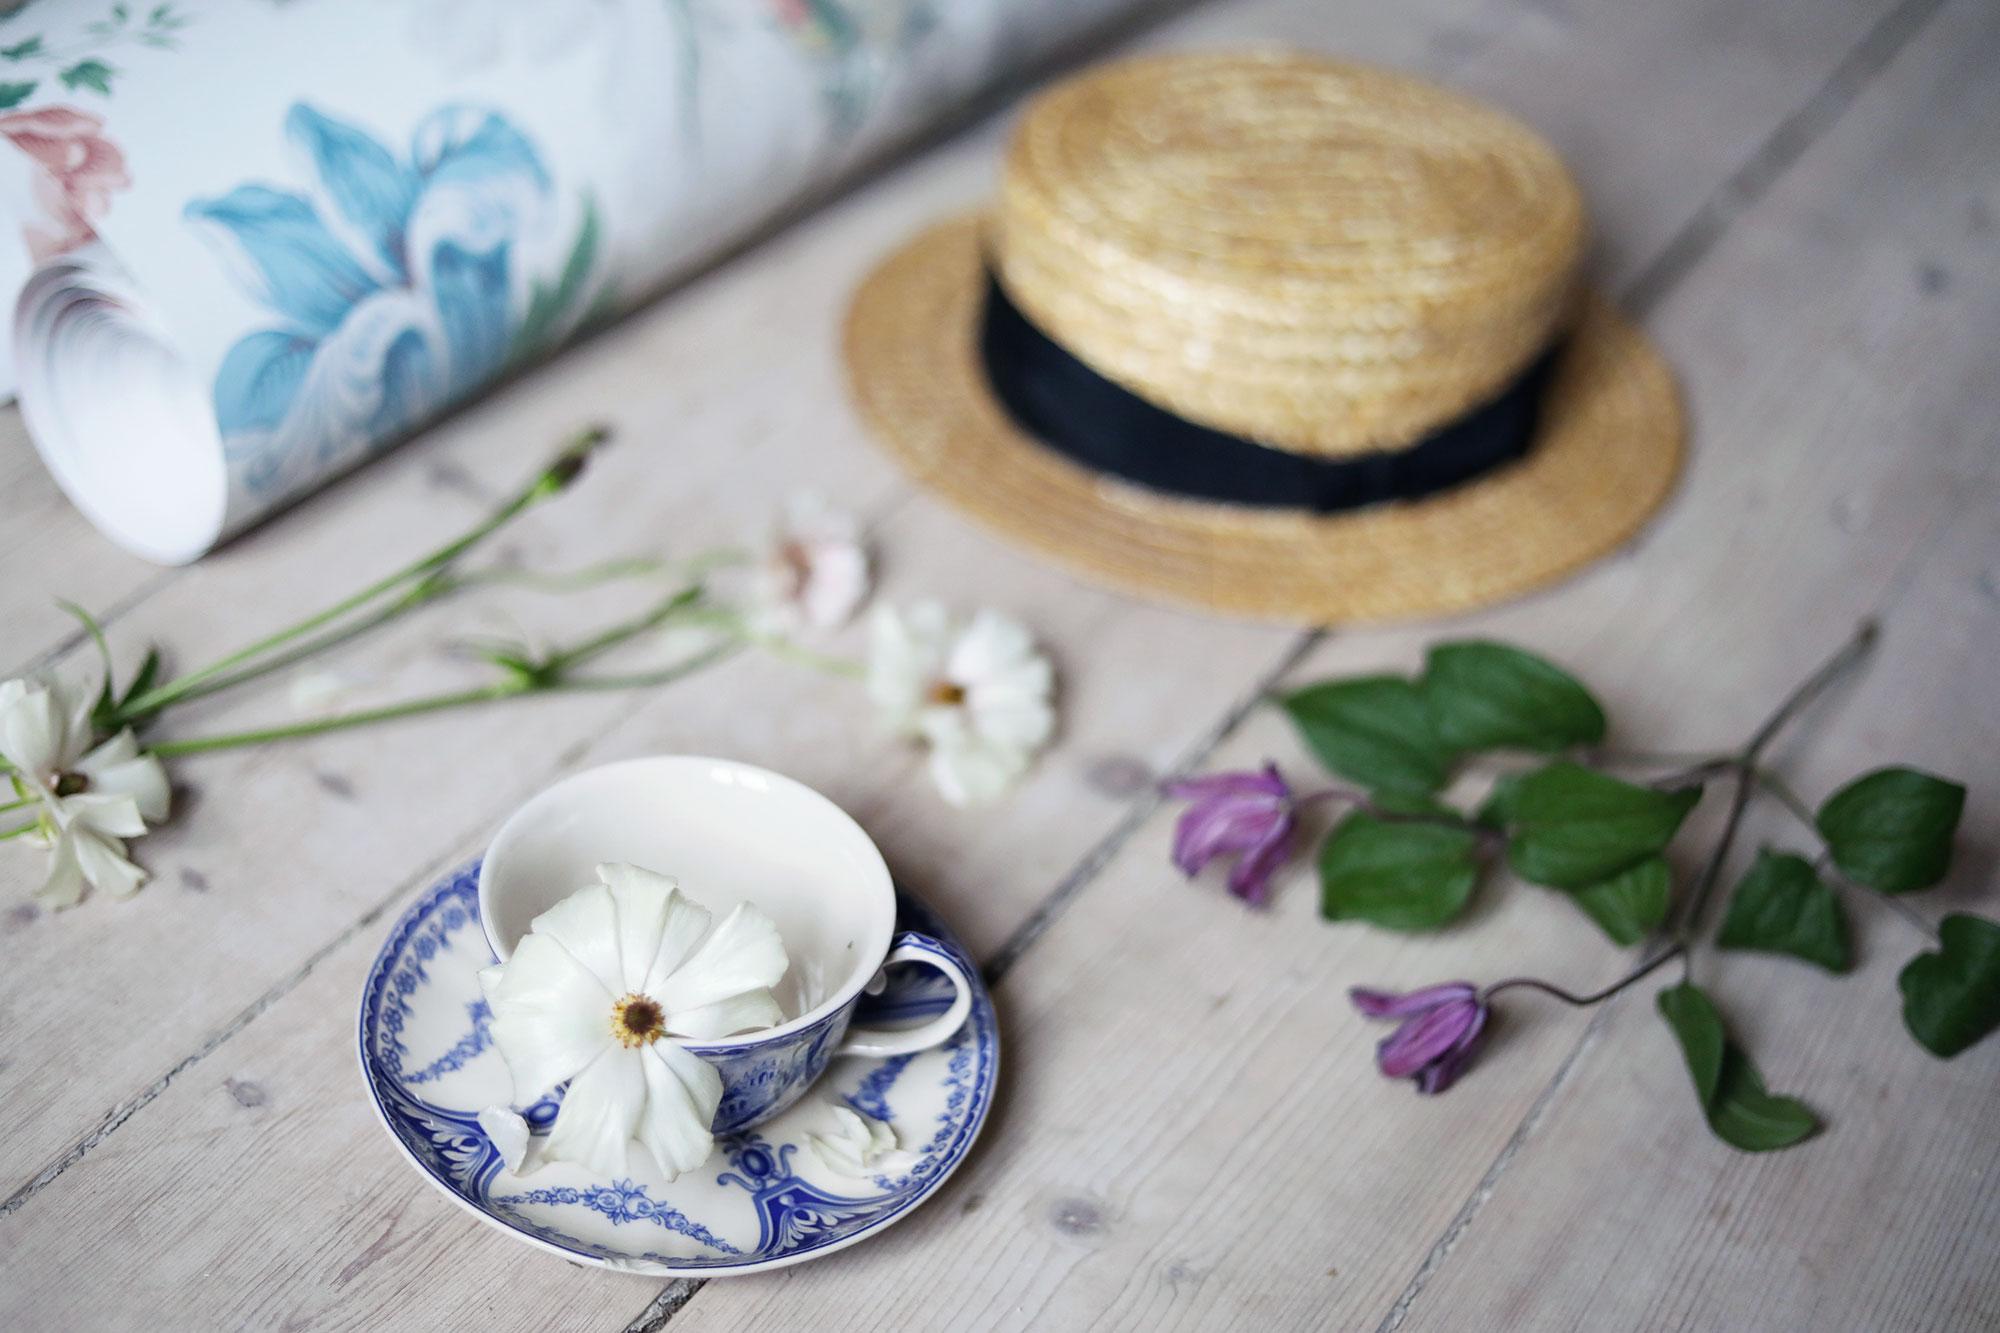 boråstapeter tapet tapeter blommig torp sommarhus sommar blommor Gotland